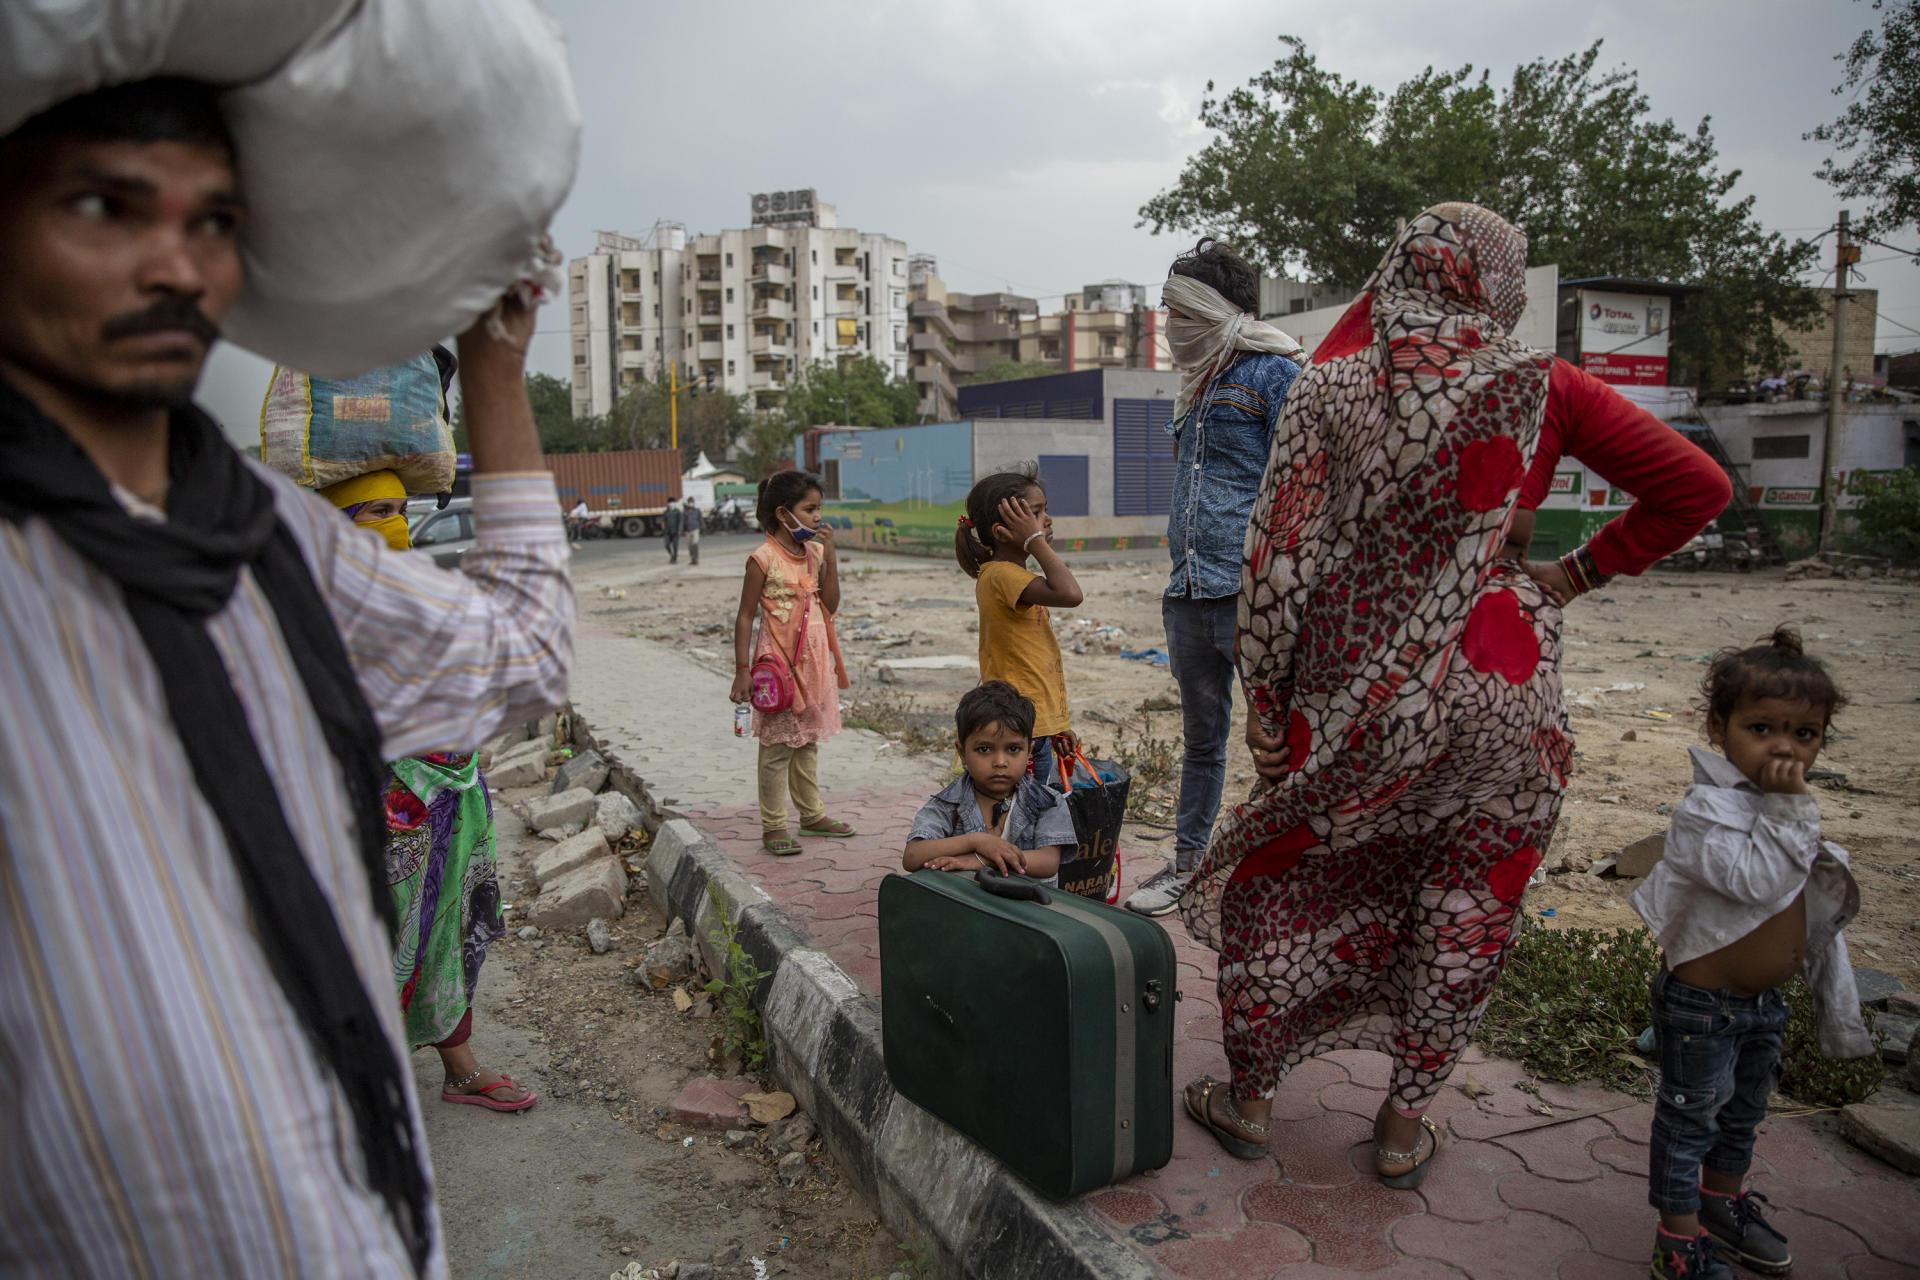 Rajender travaille dans la banlieue de New Delhi, il a pris la route avec sa famille pour Jhansi à 500 kilomètres plus au sud, le 14 mai : « Nous ne pouvons plus rester, nous n'avons pas pu travailler depuis deux mois, nous n'avons pas d'autres choix que de marcher. »